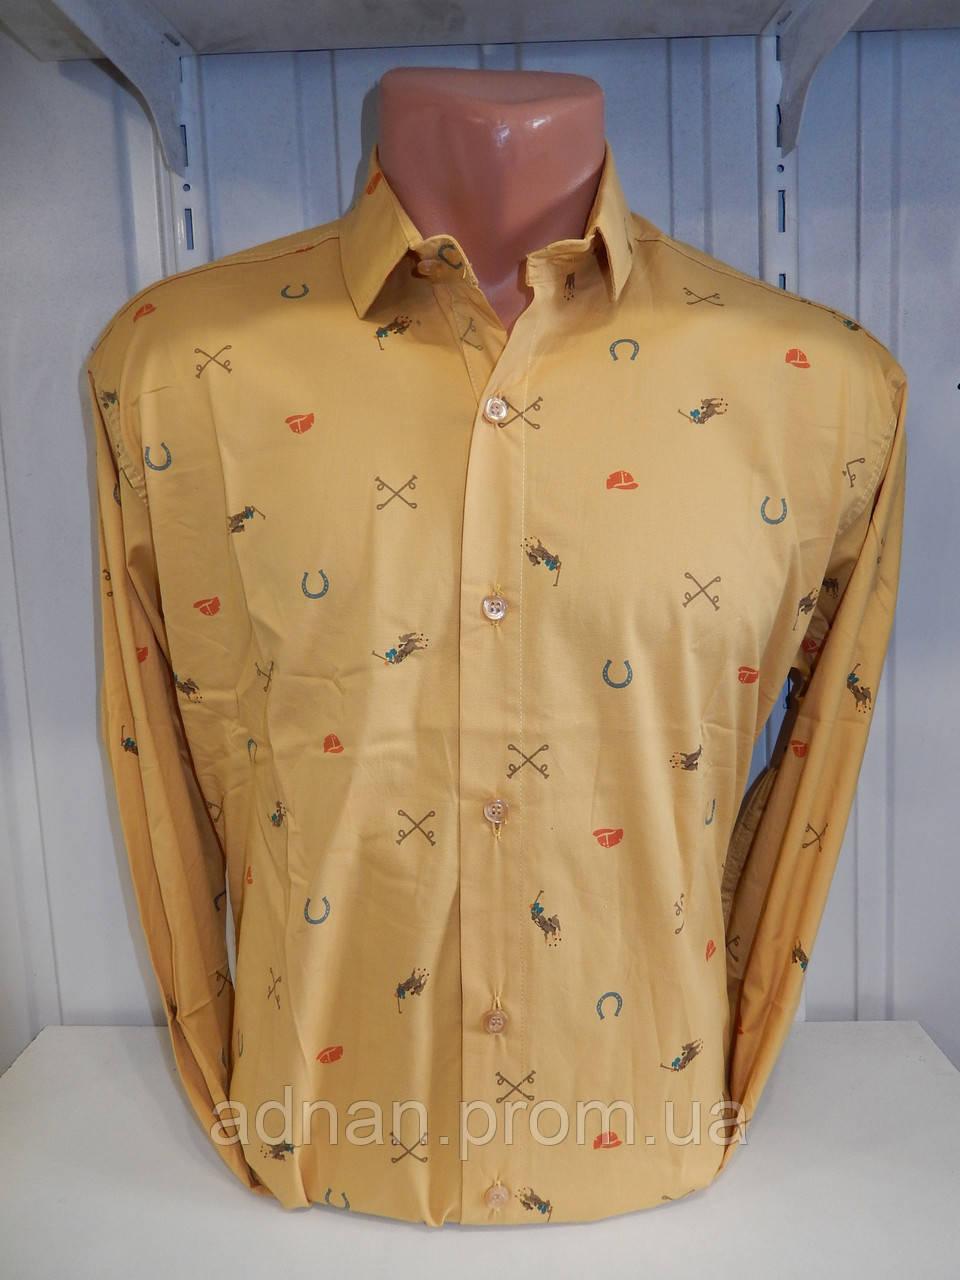 b8232d039f17777 Рубашка мужская POLO узор на фото, стрейч 004/ купить мужская рубашка оптом